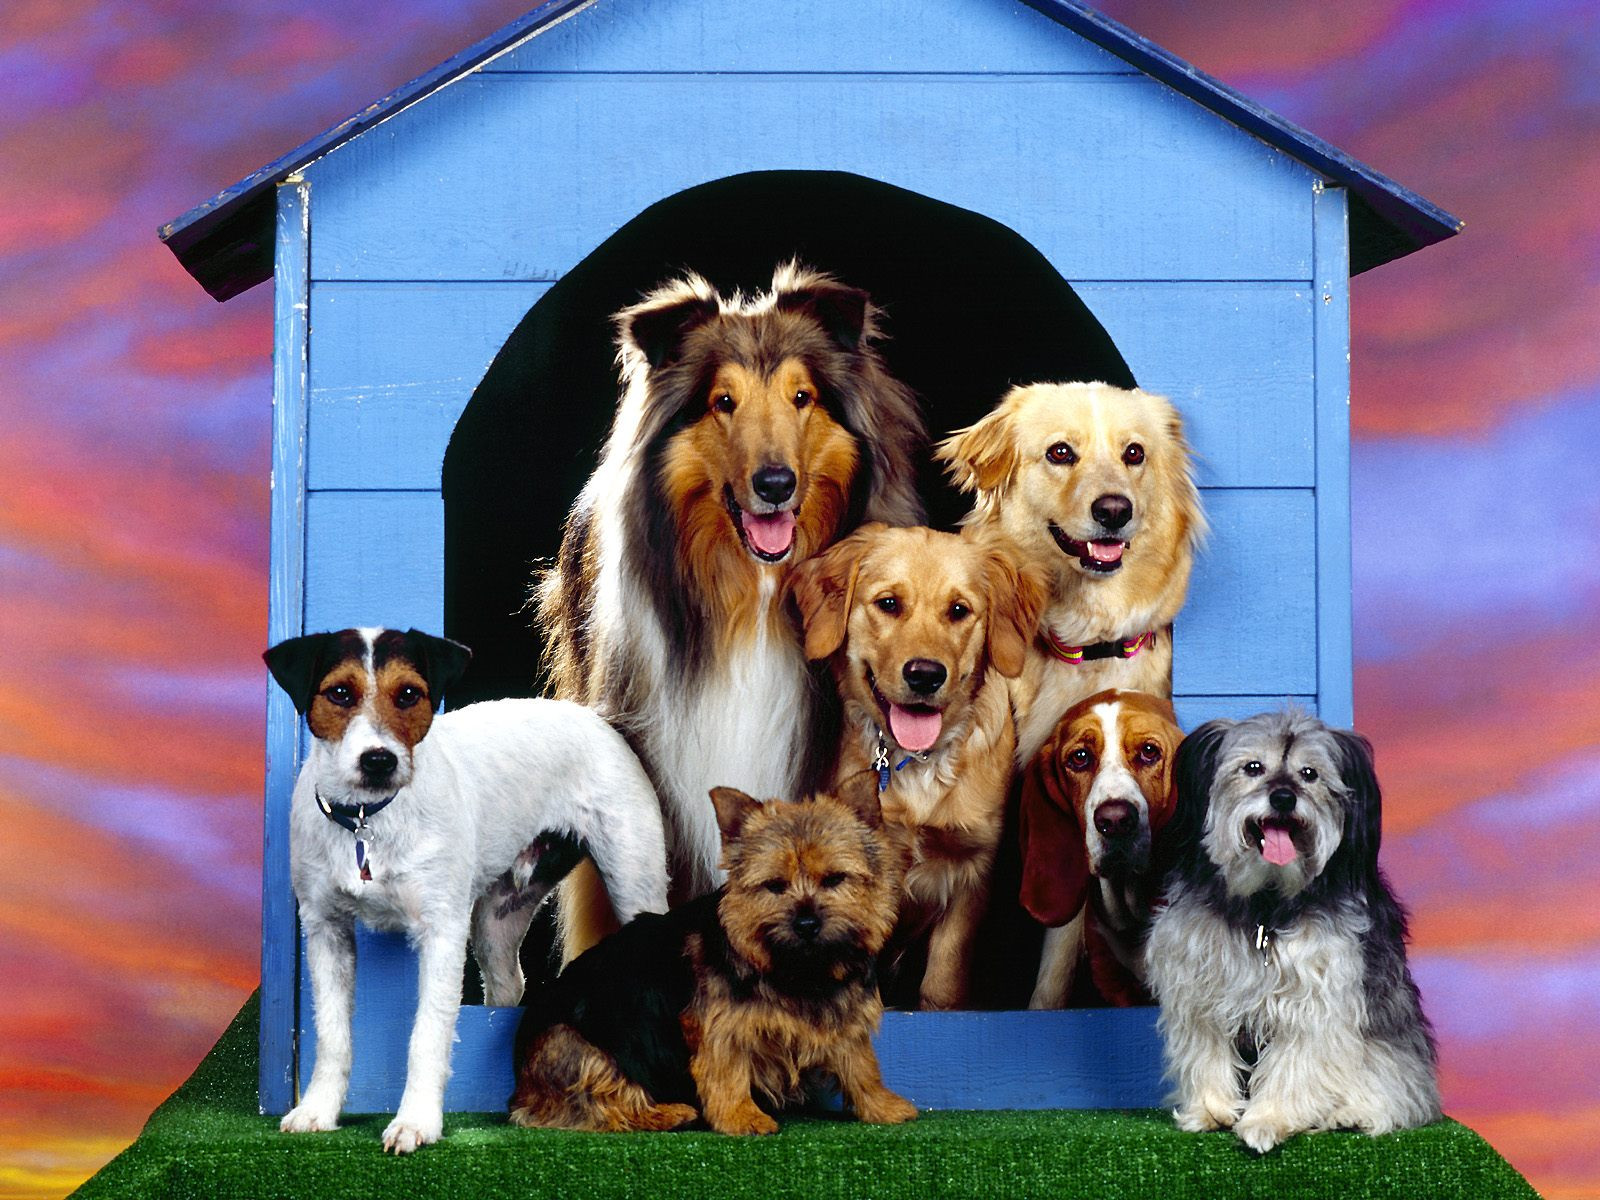 http://1.bp.blogspot.com/-vvZoa3IOZVU/TzU03QWA60I/AAAAAAAAAso/VoCGGKI6isw/s1600/dog-wallpapers-08.jpg